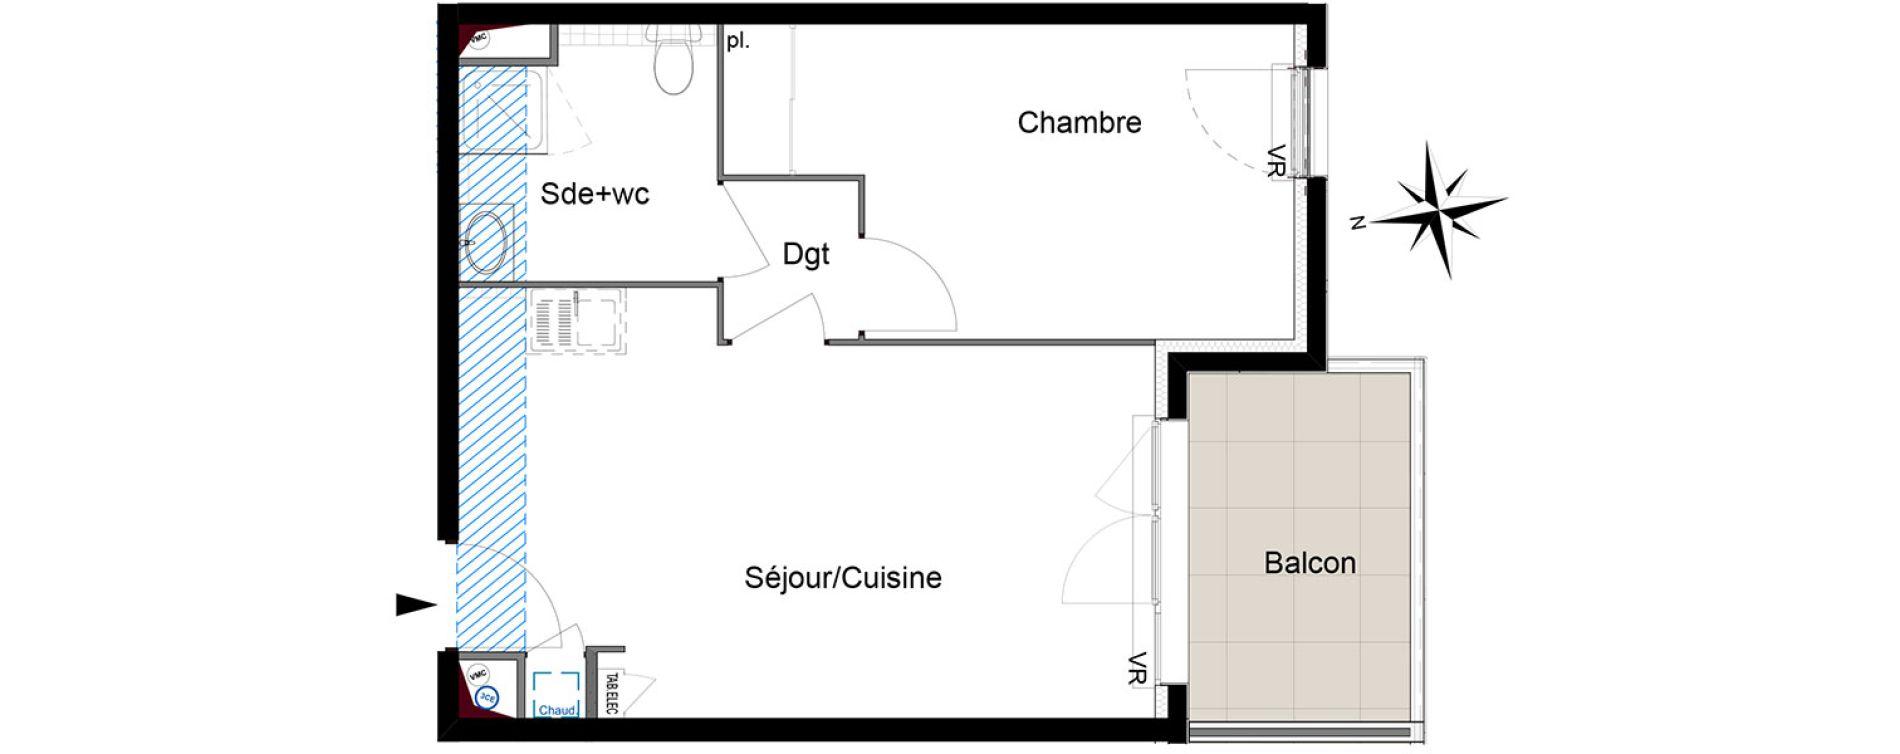 Appartement T2 de 41,15 m2 à Six-Fours-Les-Plages Centre